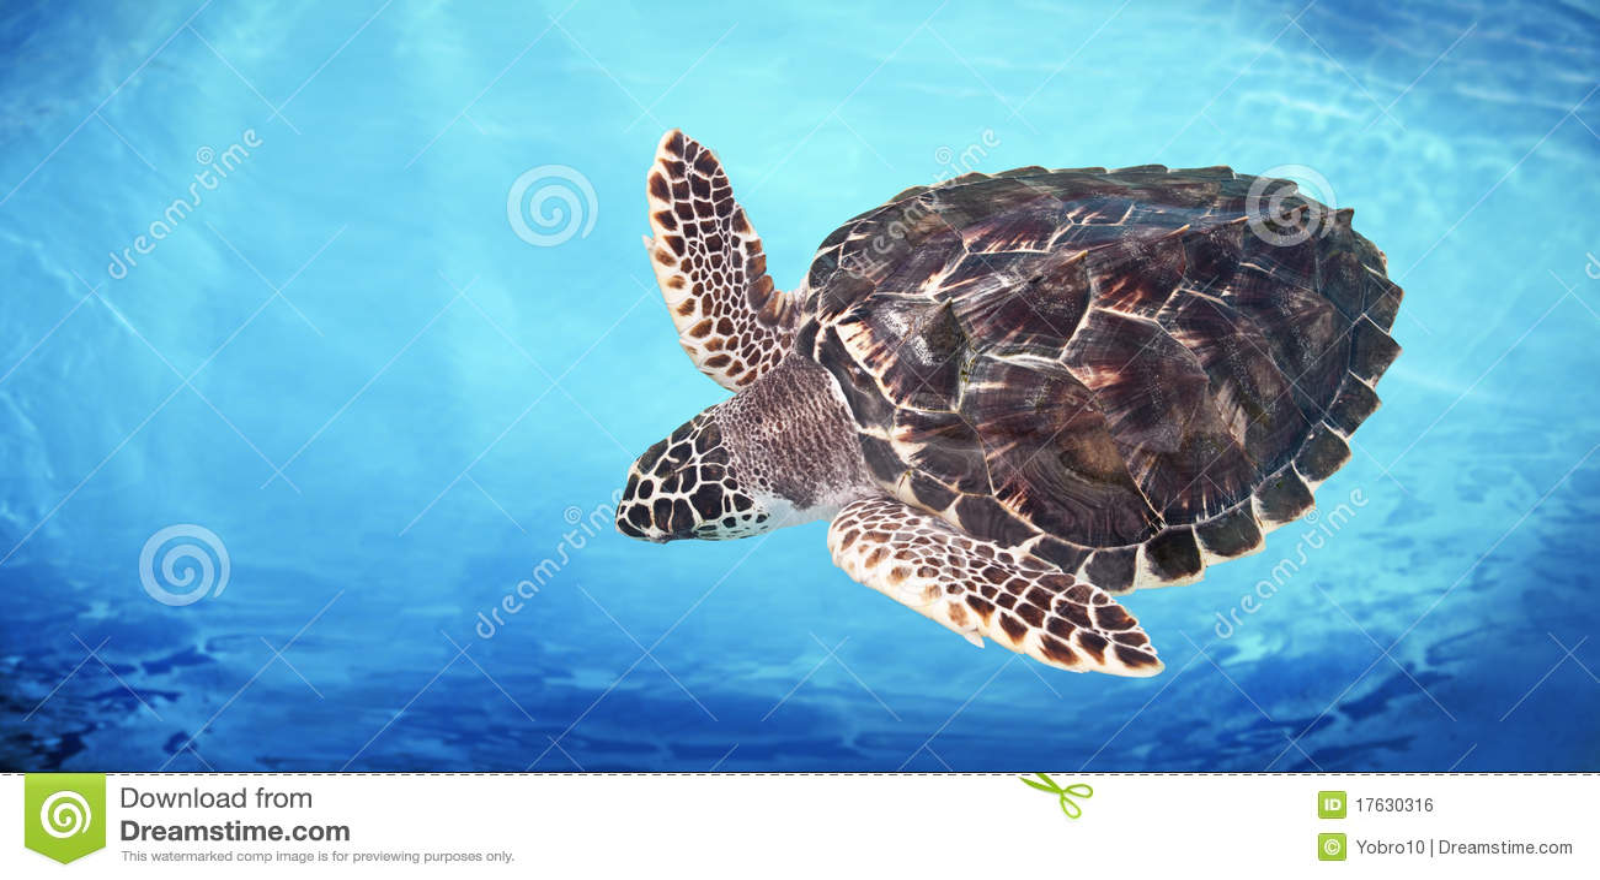 grünes seeschildkröte stockfoto bild von schildkröte